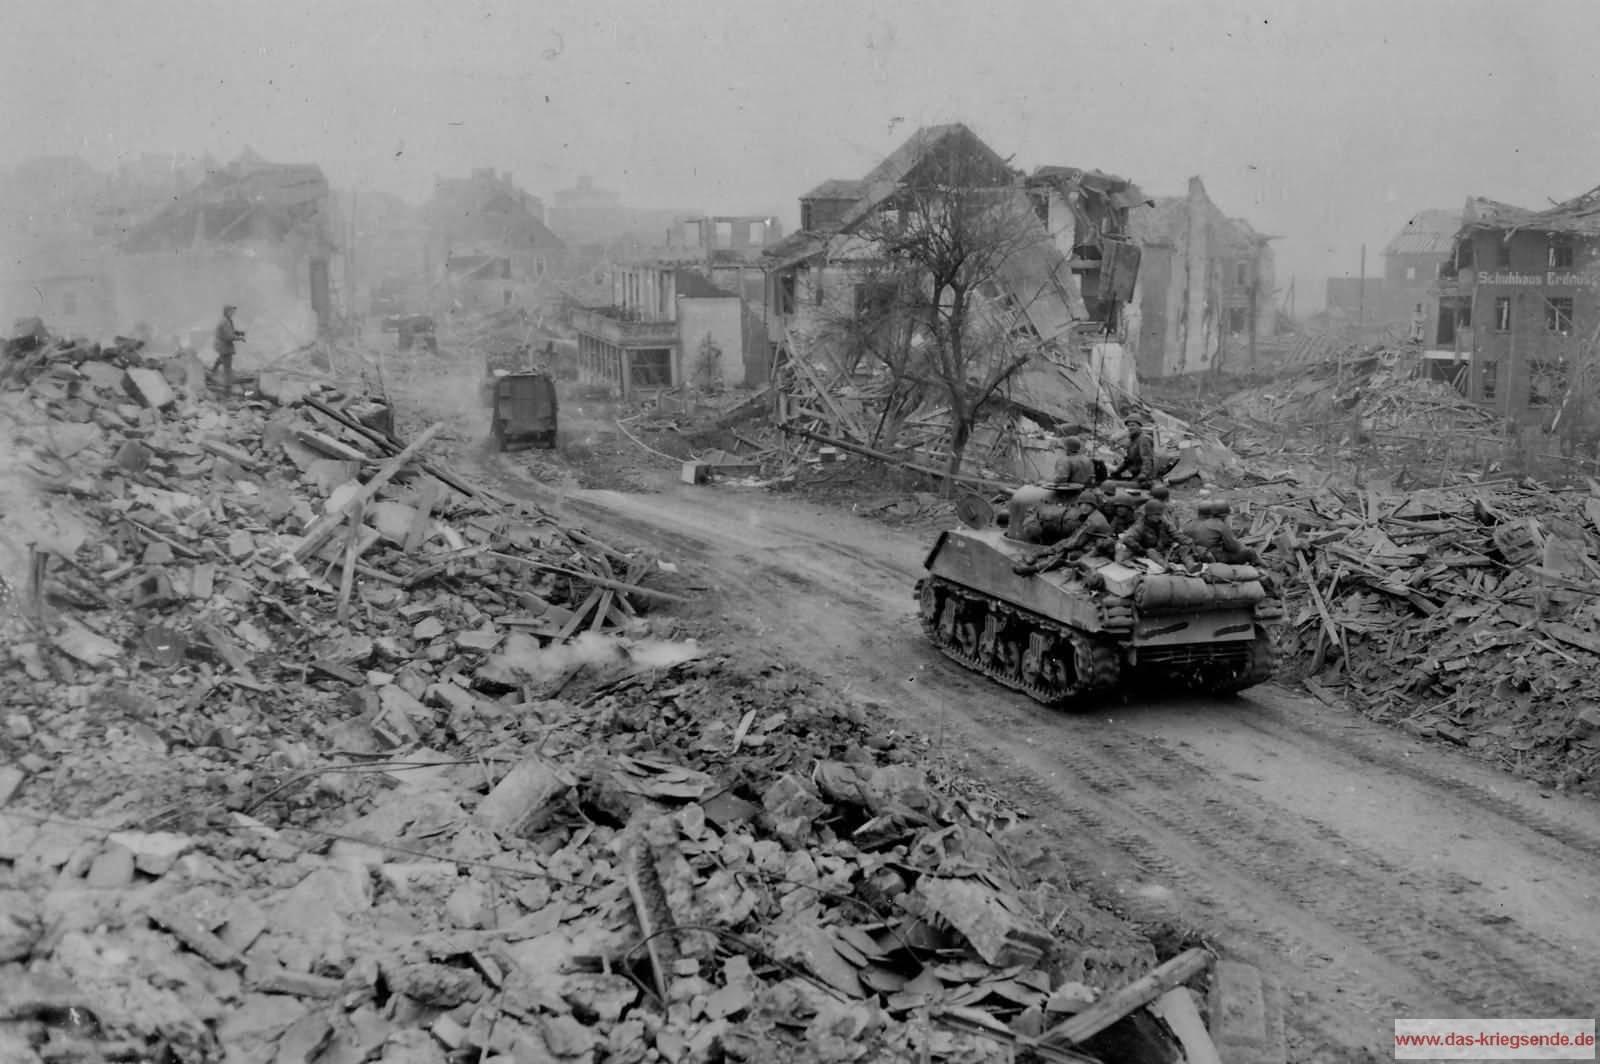 Die Trümmerwüste der Kreisstadt Altenkirchen am 26. März 1945. Foto Signal Corps, US Army.